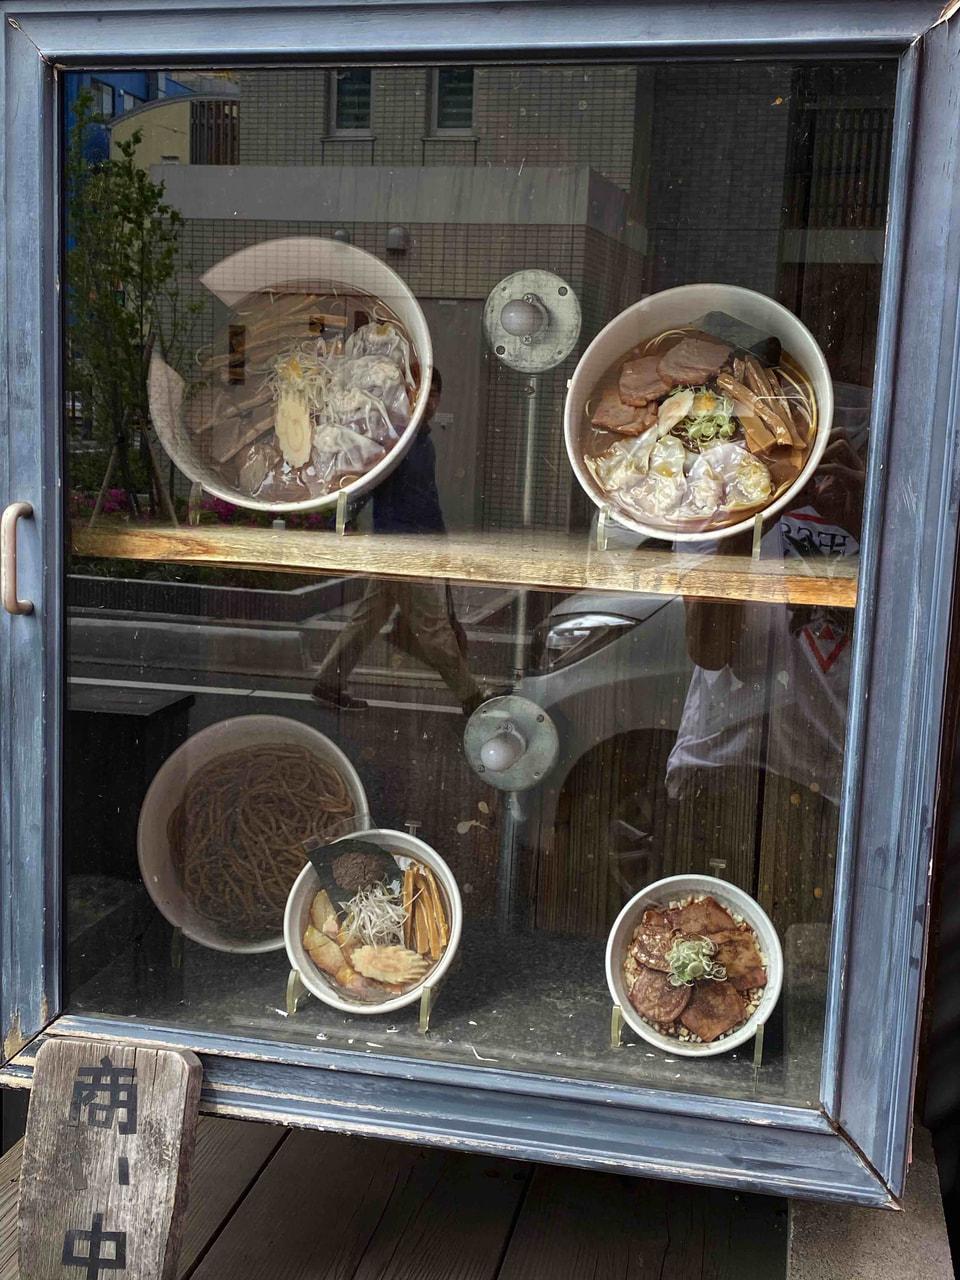 中華そば つけ麺 タナカ90(朝霞市)のテイクアウトメニュー